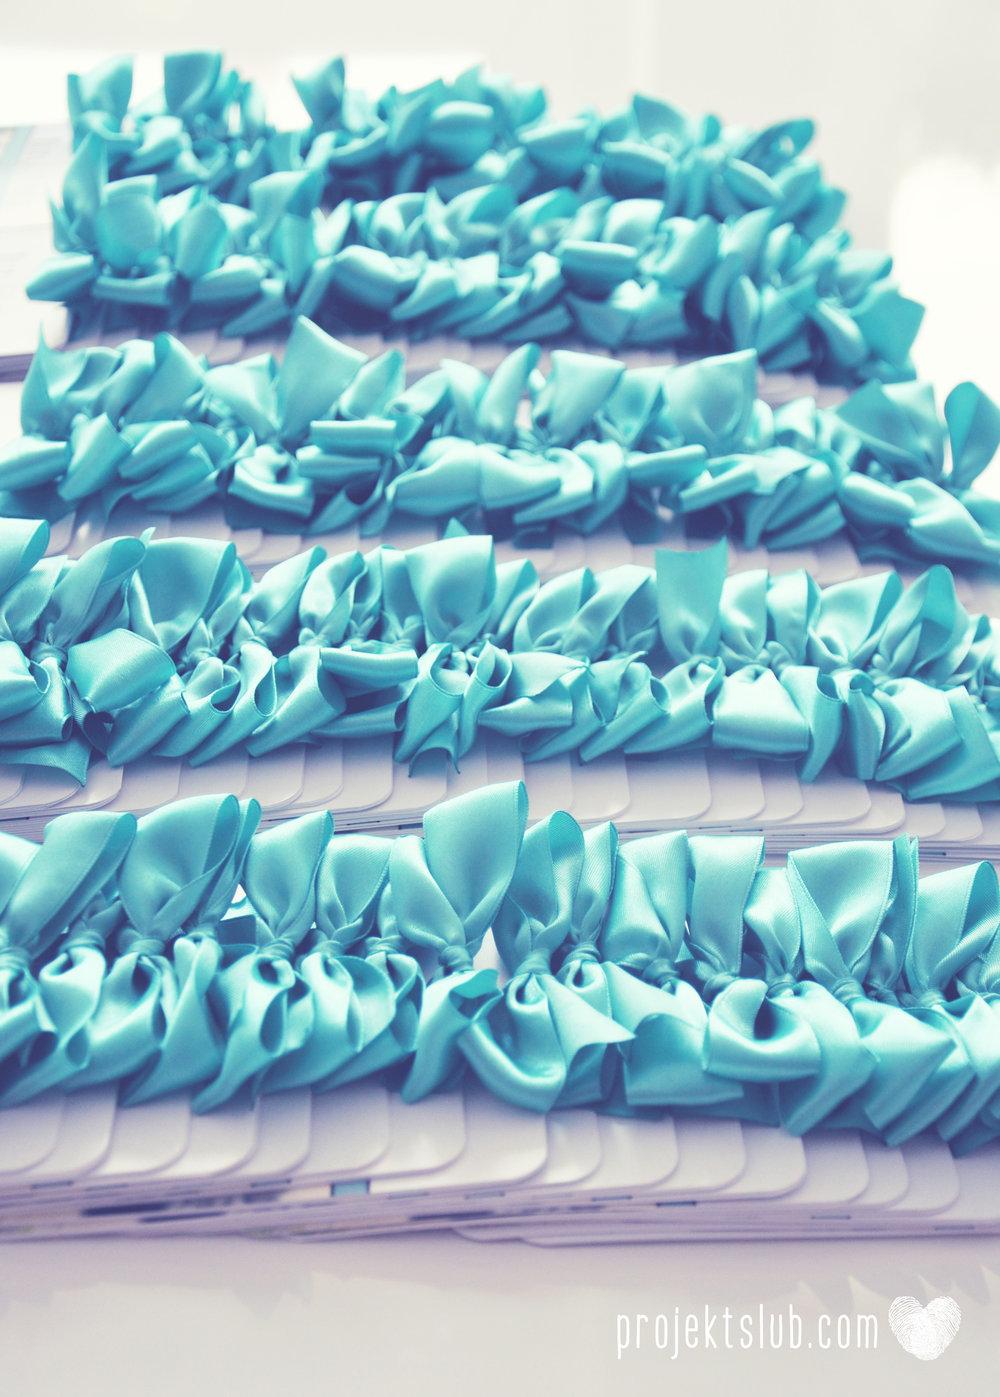 zaproszenia ślubne fashionelki wieża eiffel paryż piktogramy elegancki minimalizm błękit kolor tiffany zdjęcie narzeczonych Projekt Ślub (4).jpg